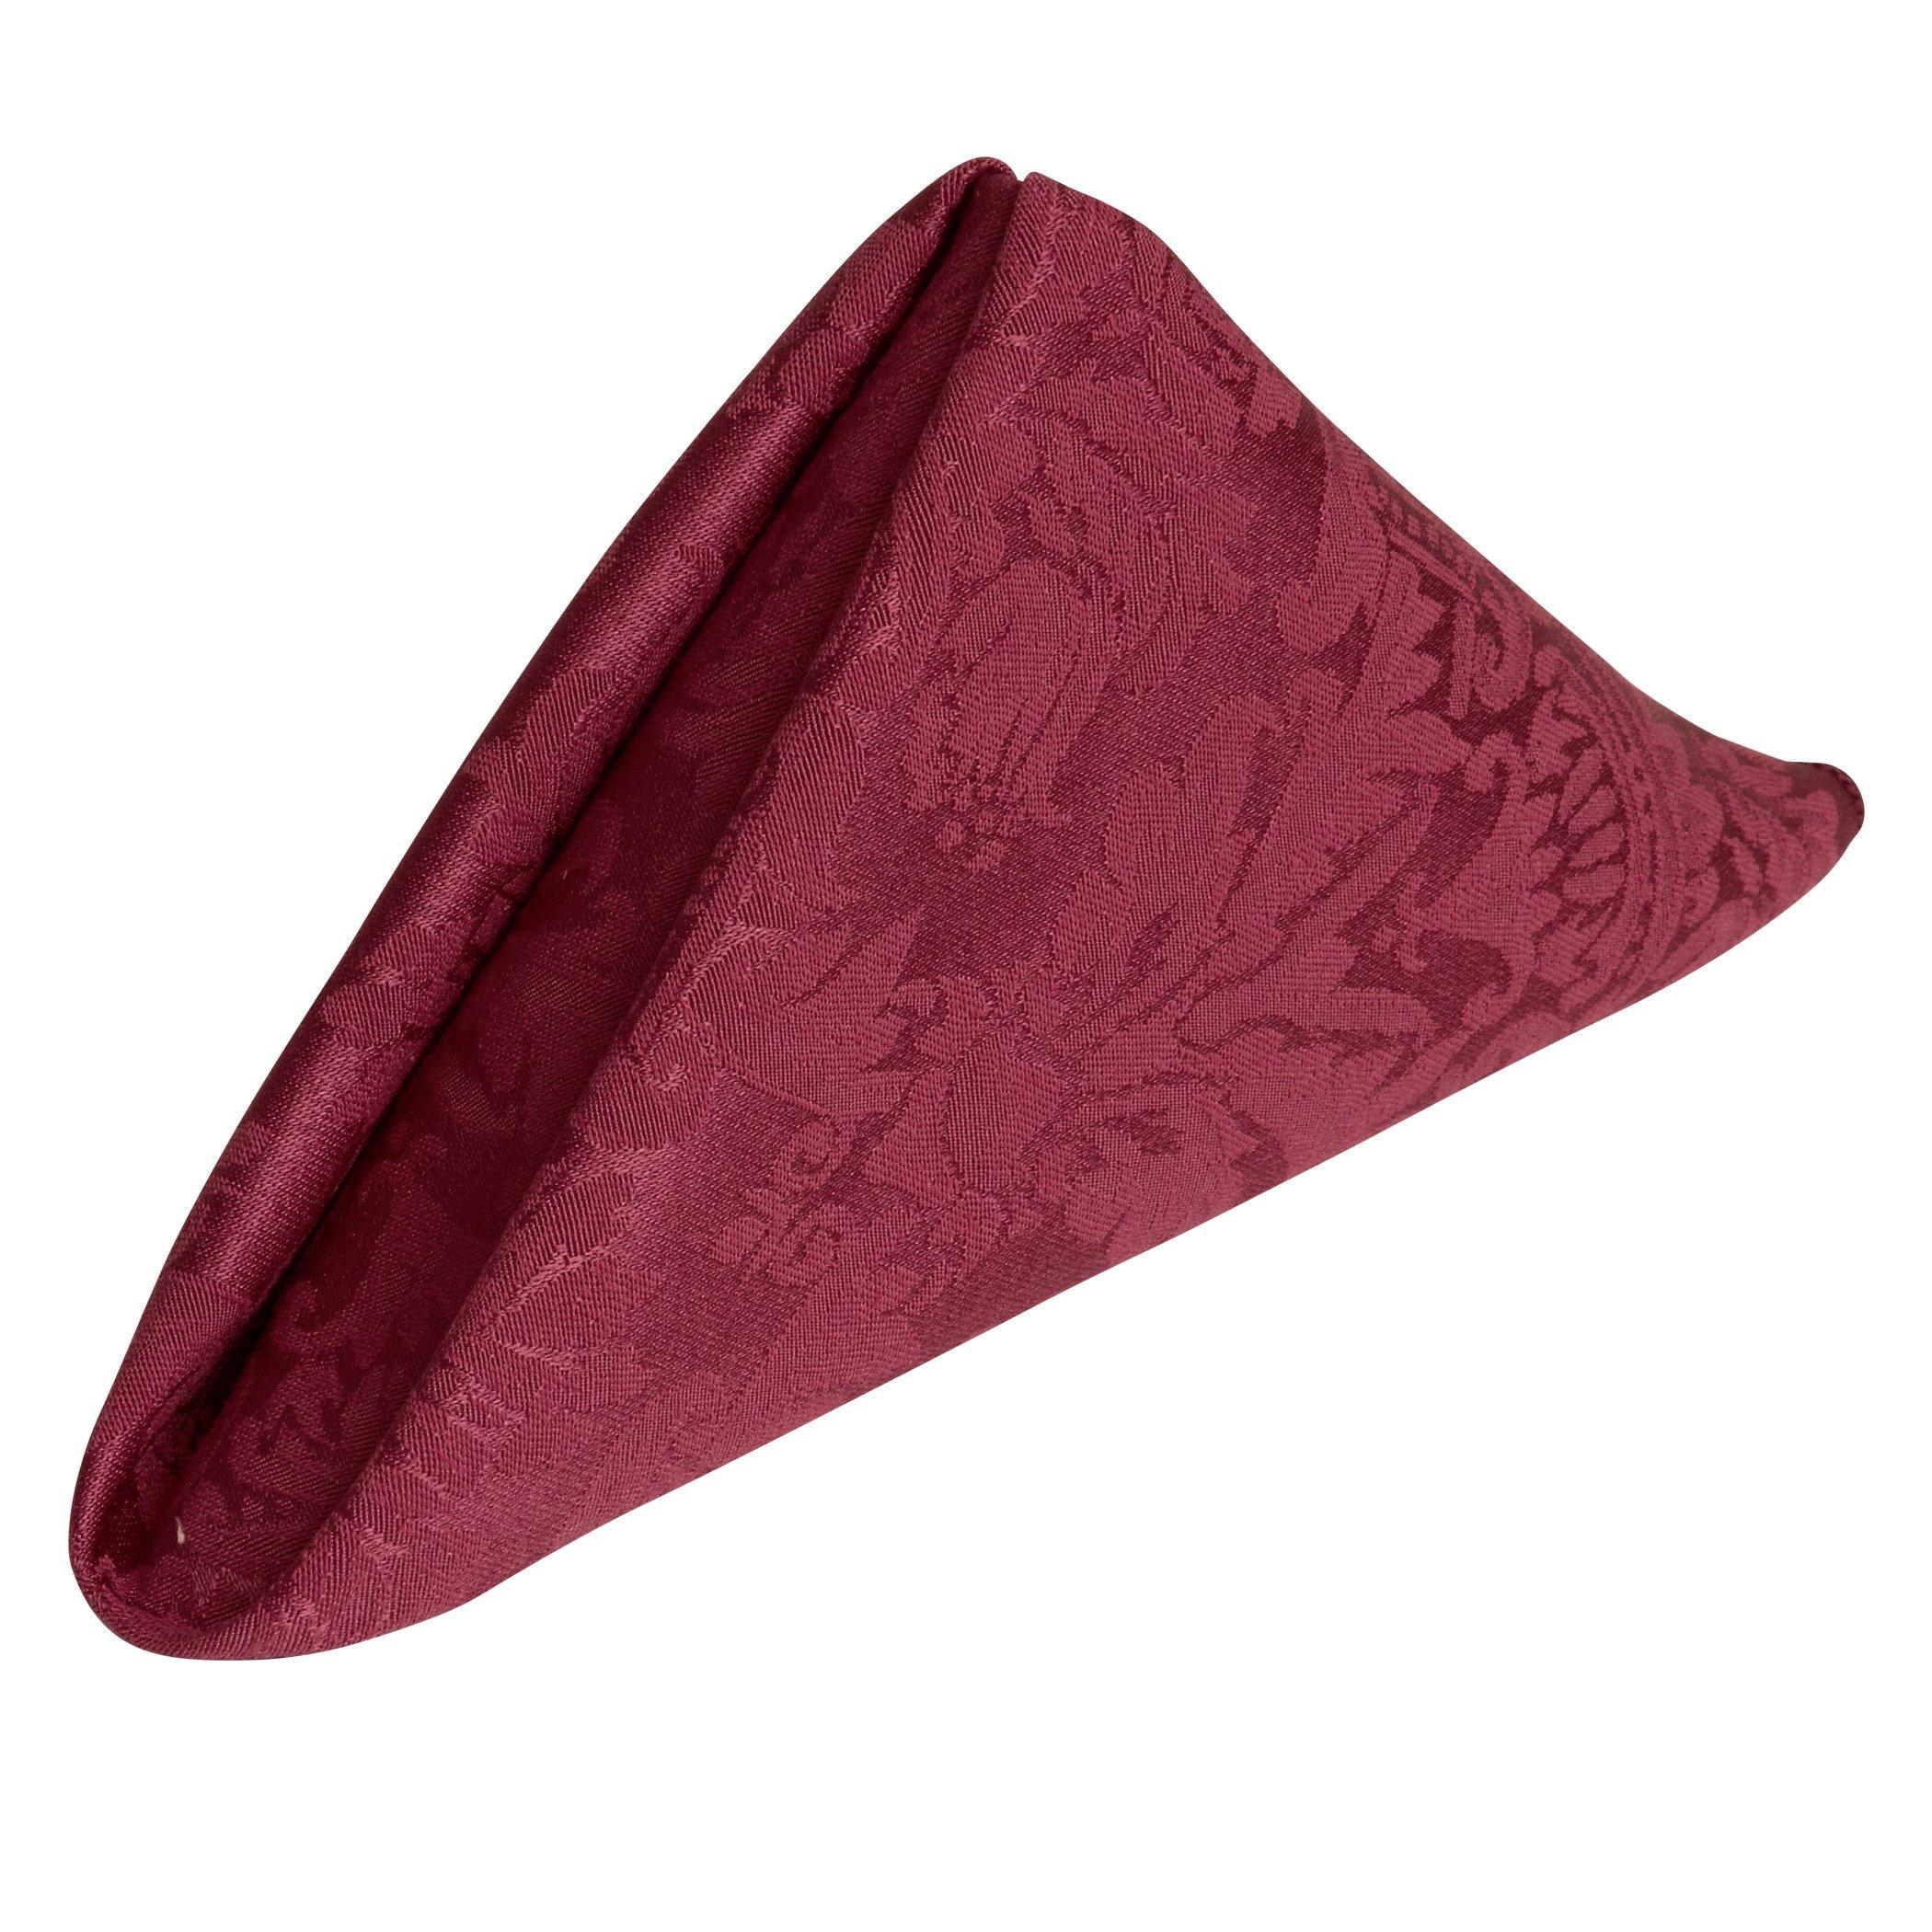 Ultimate Textile (5 Dozen) Saxony 20 x 20-Inch Damask Cloth Dinner Napkins- Jacquard Weave Emblem Crest Design, Dark Red